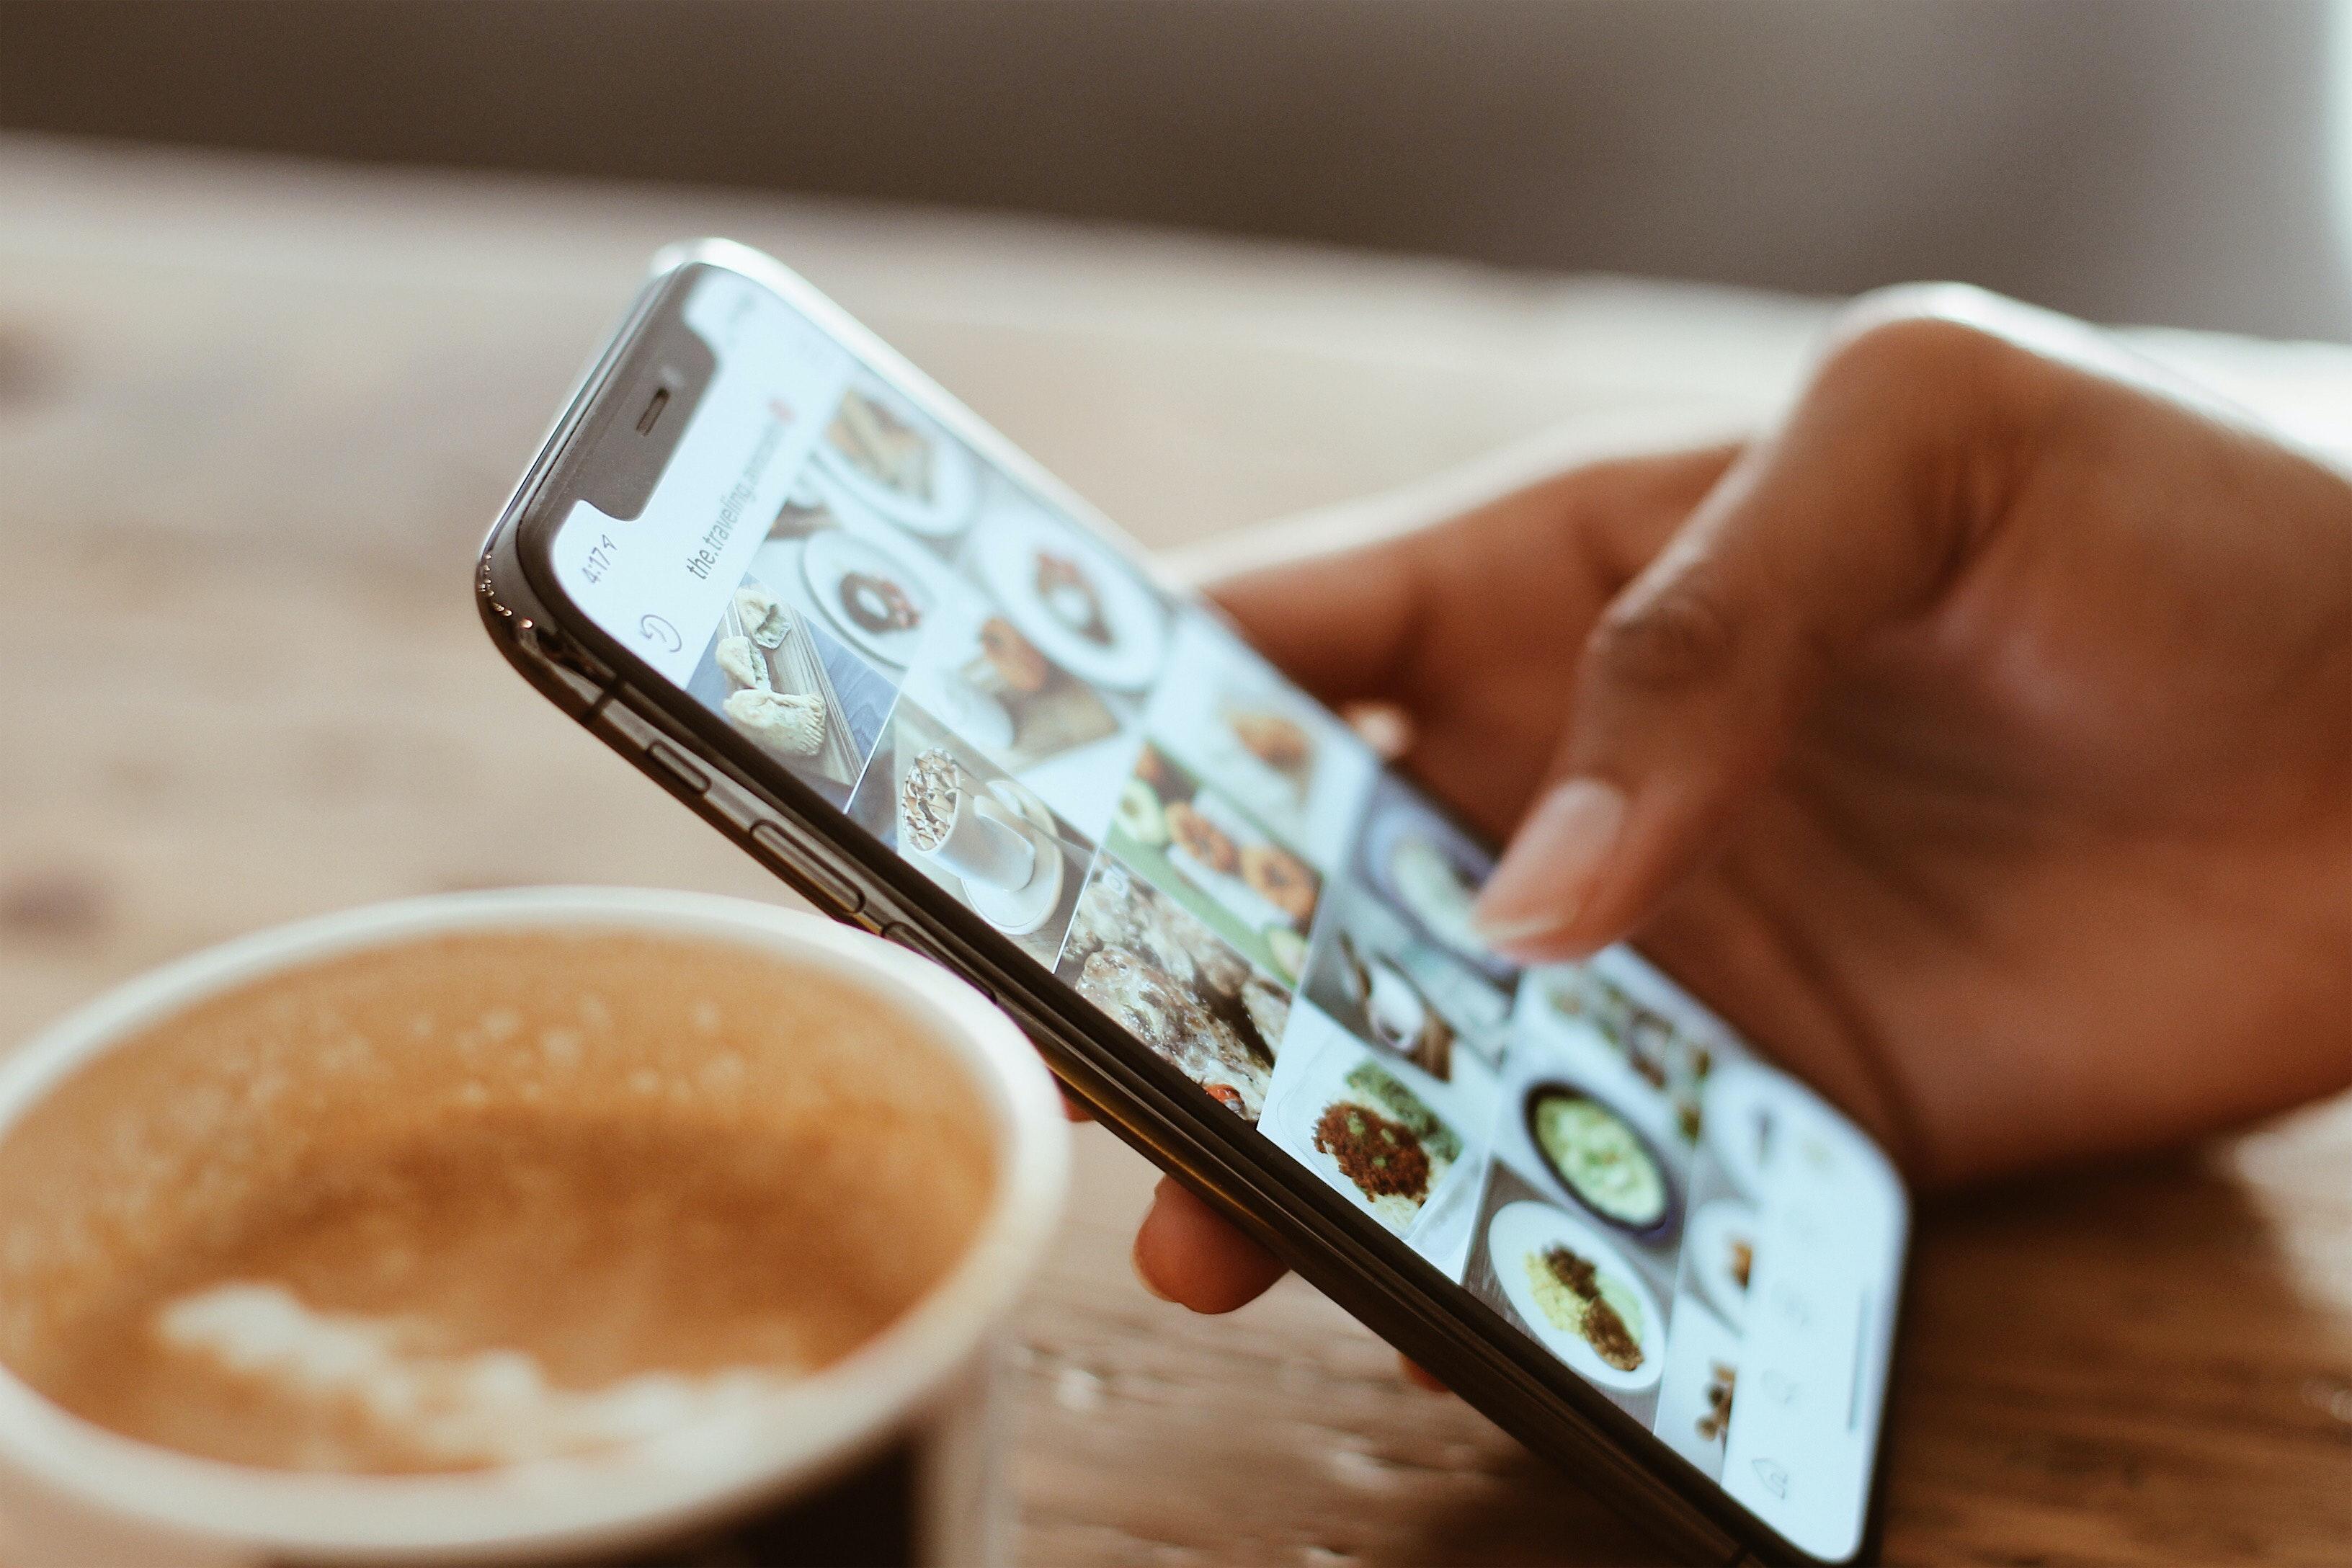 Person looking at Instagram on phone (Pic: Kerde Severin/Pexels)